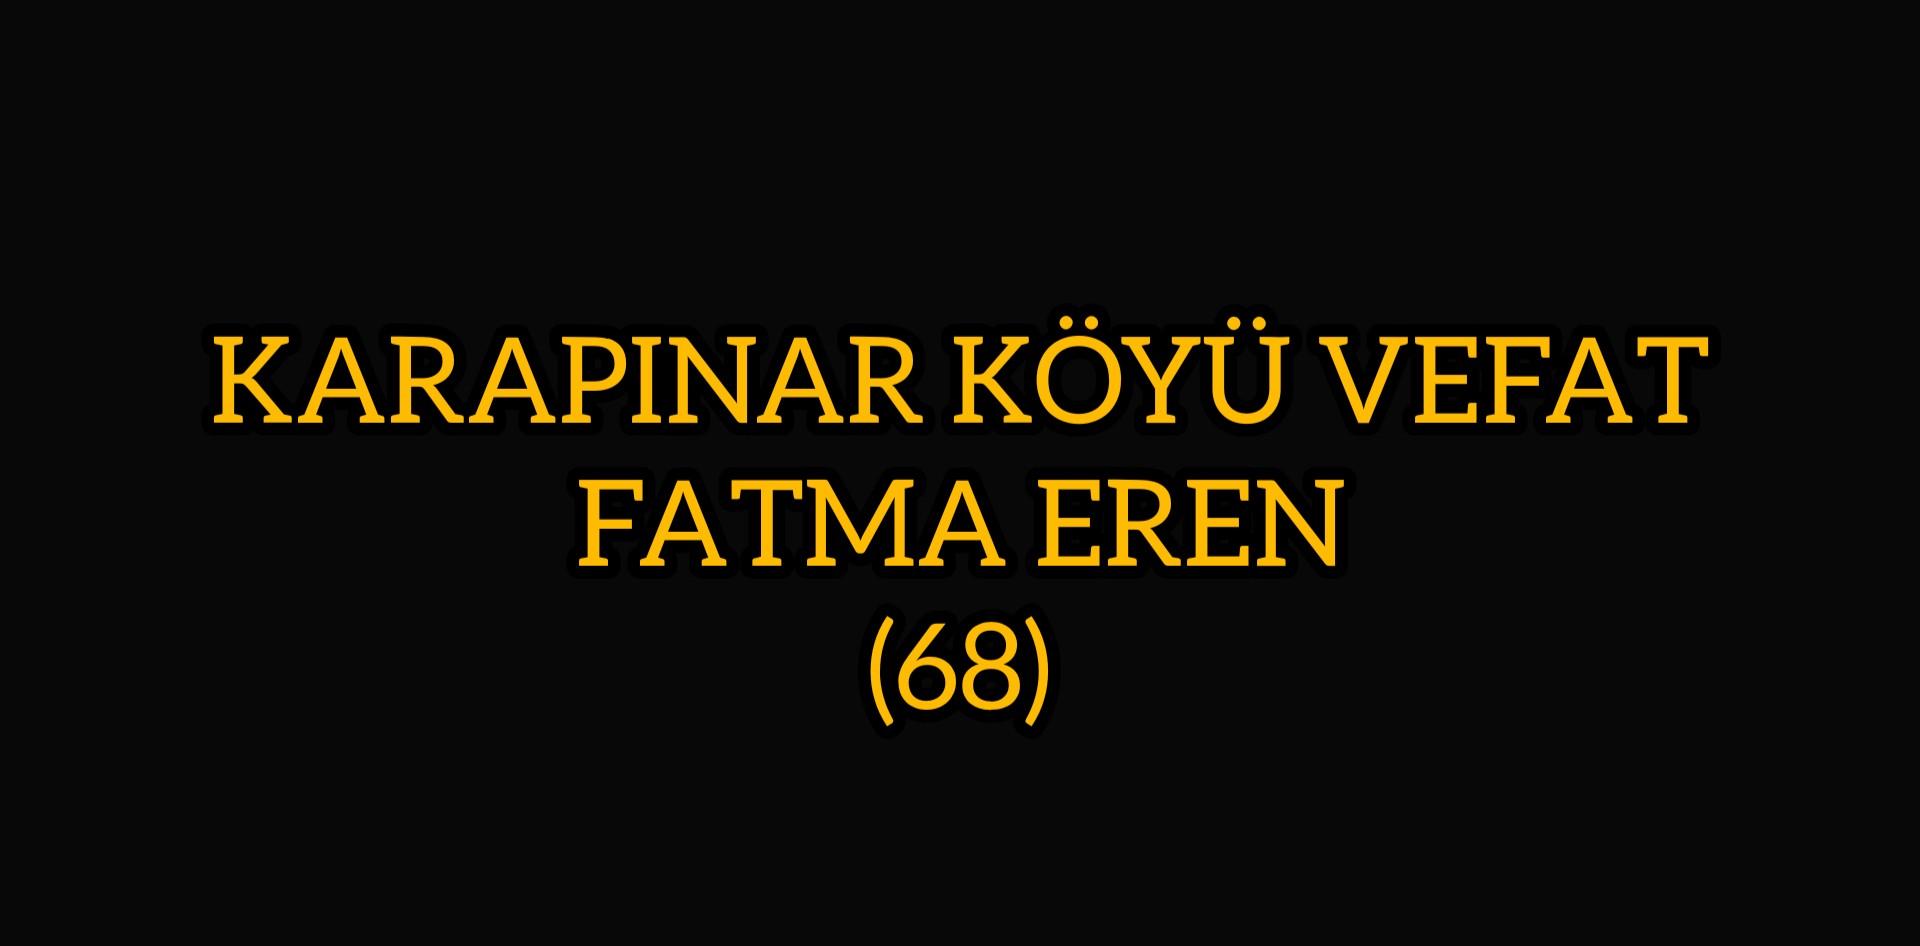 KARAPINAR KÖYÜ VEFAT FATMA EREN (68)